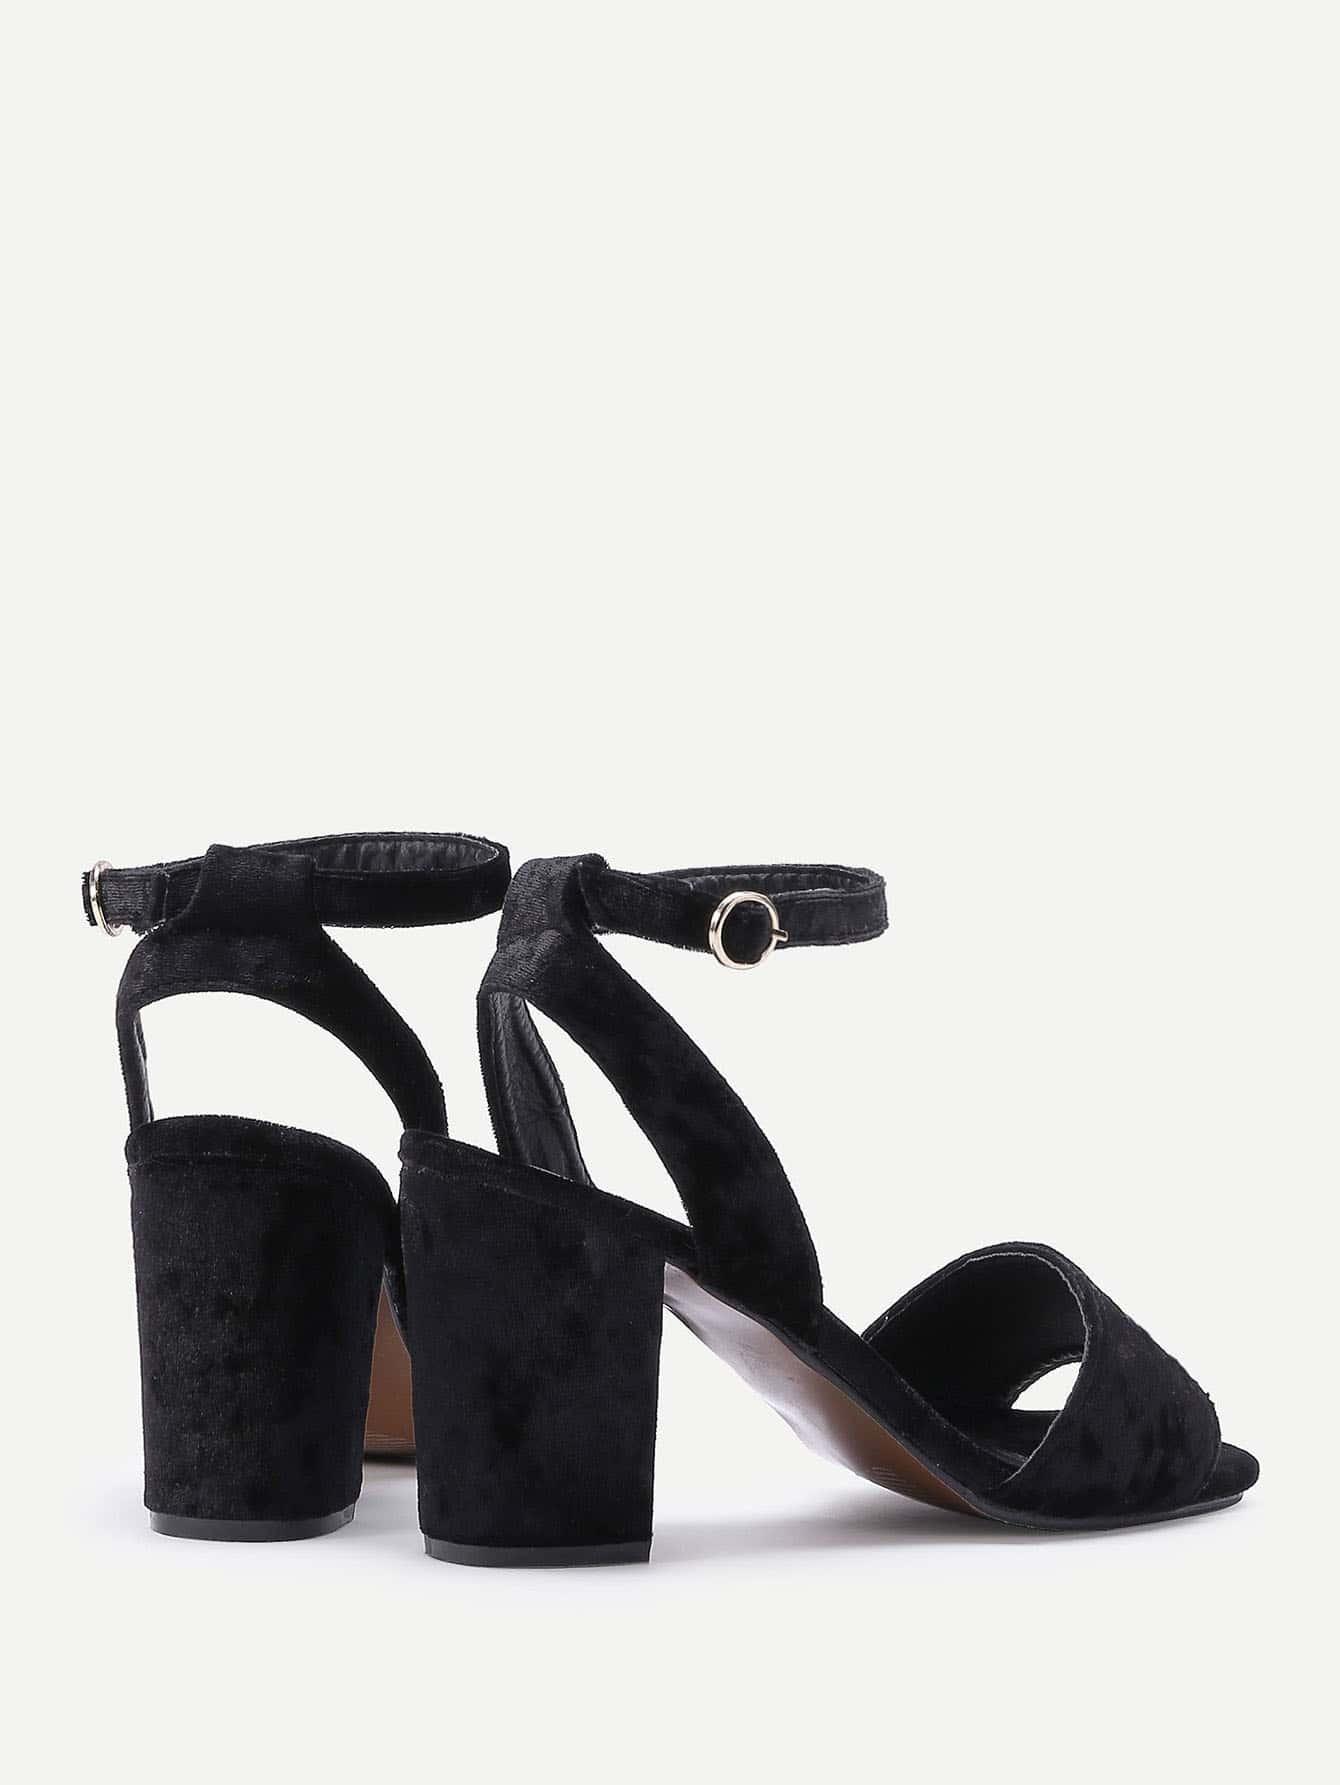 shoes170411811_2